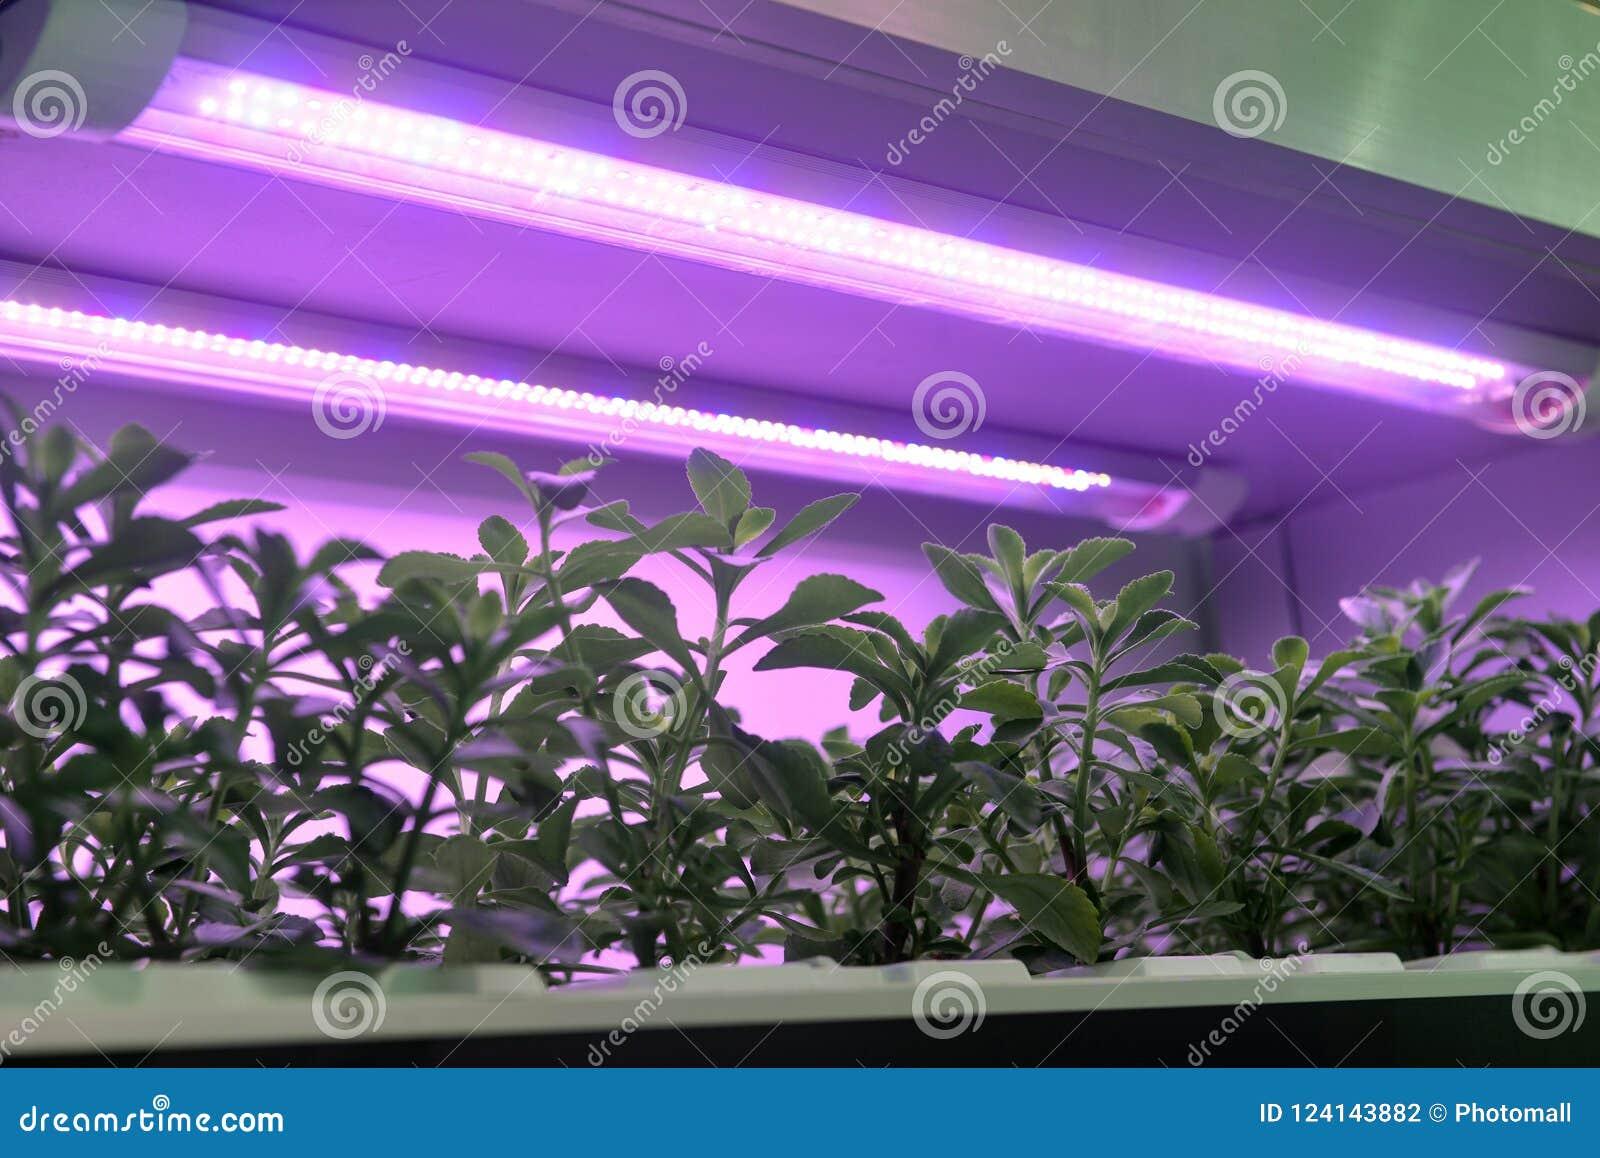 Lampada principale di crescita di pianta utilizzata per coltivare